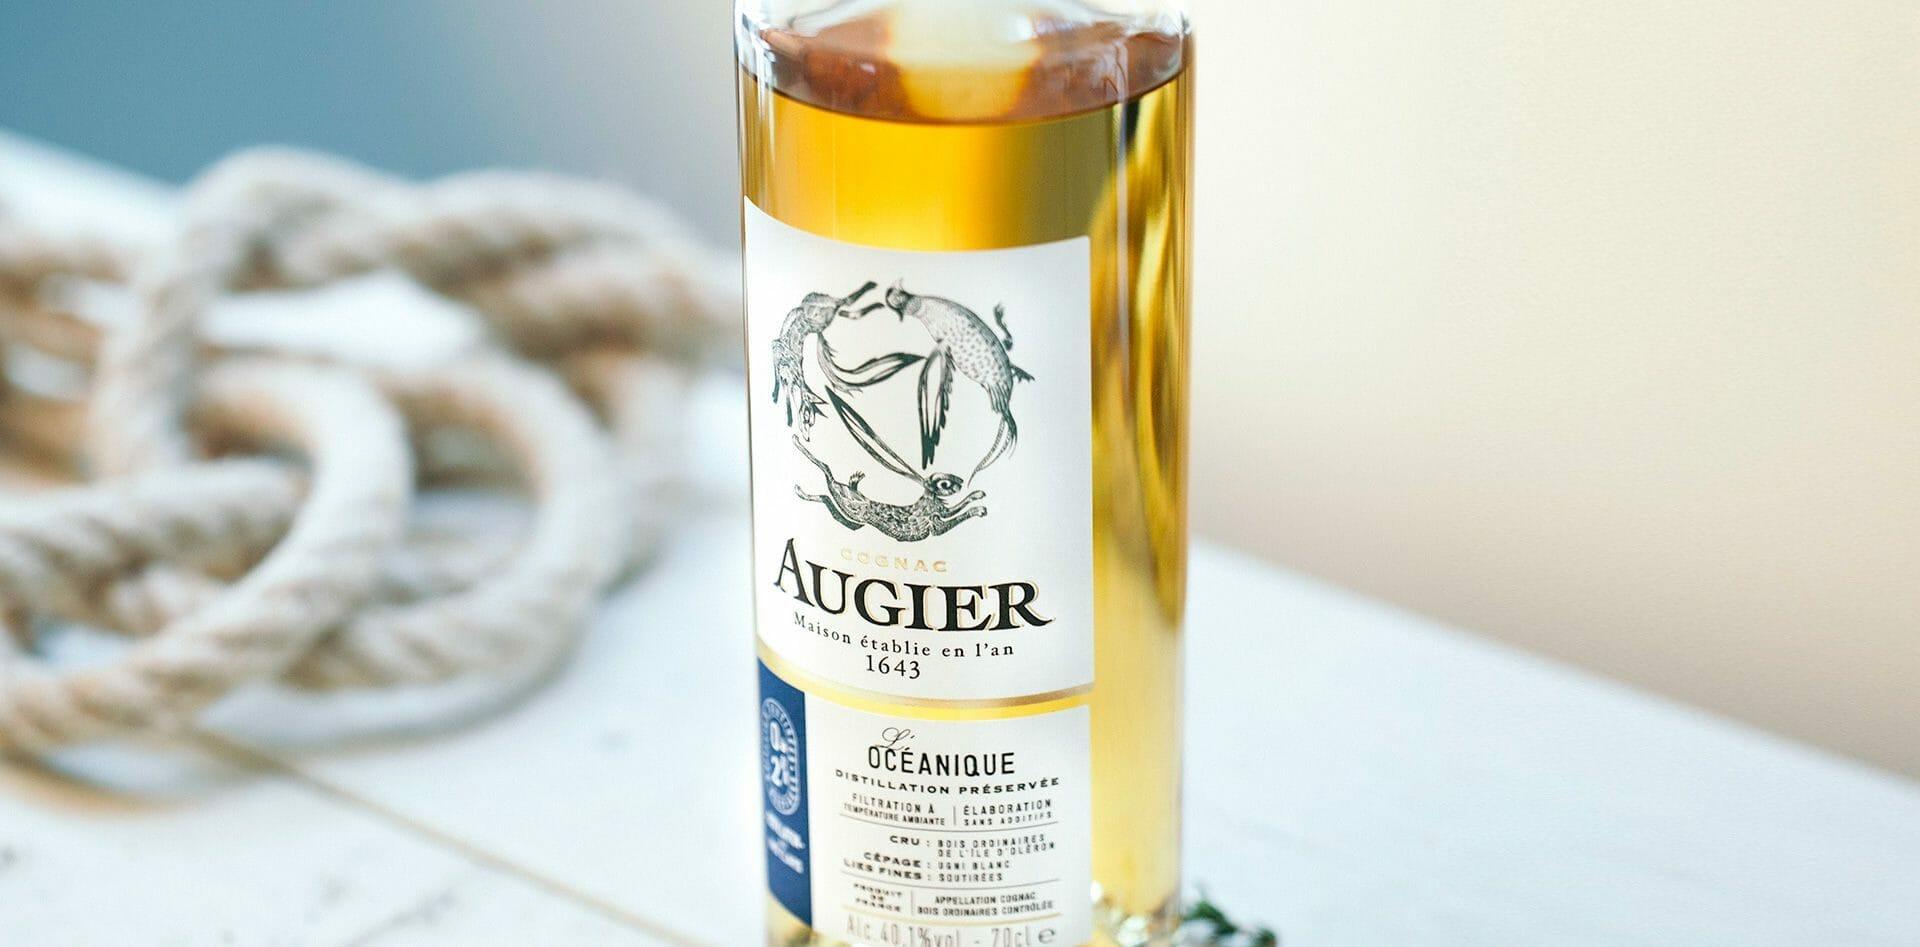 Image du cas client Augier